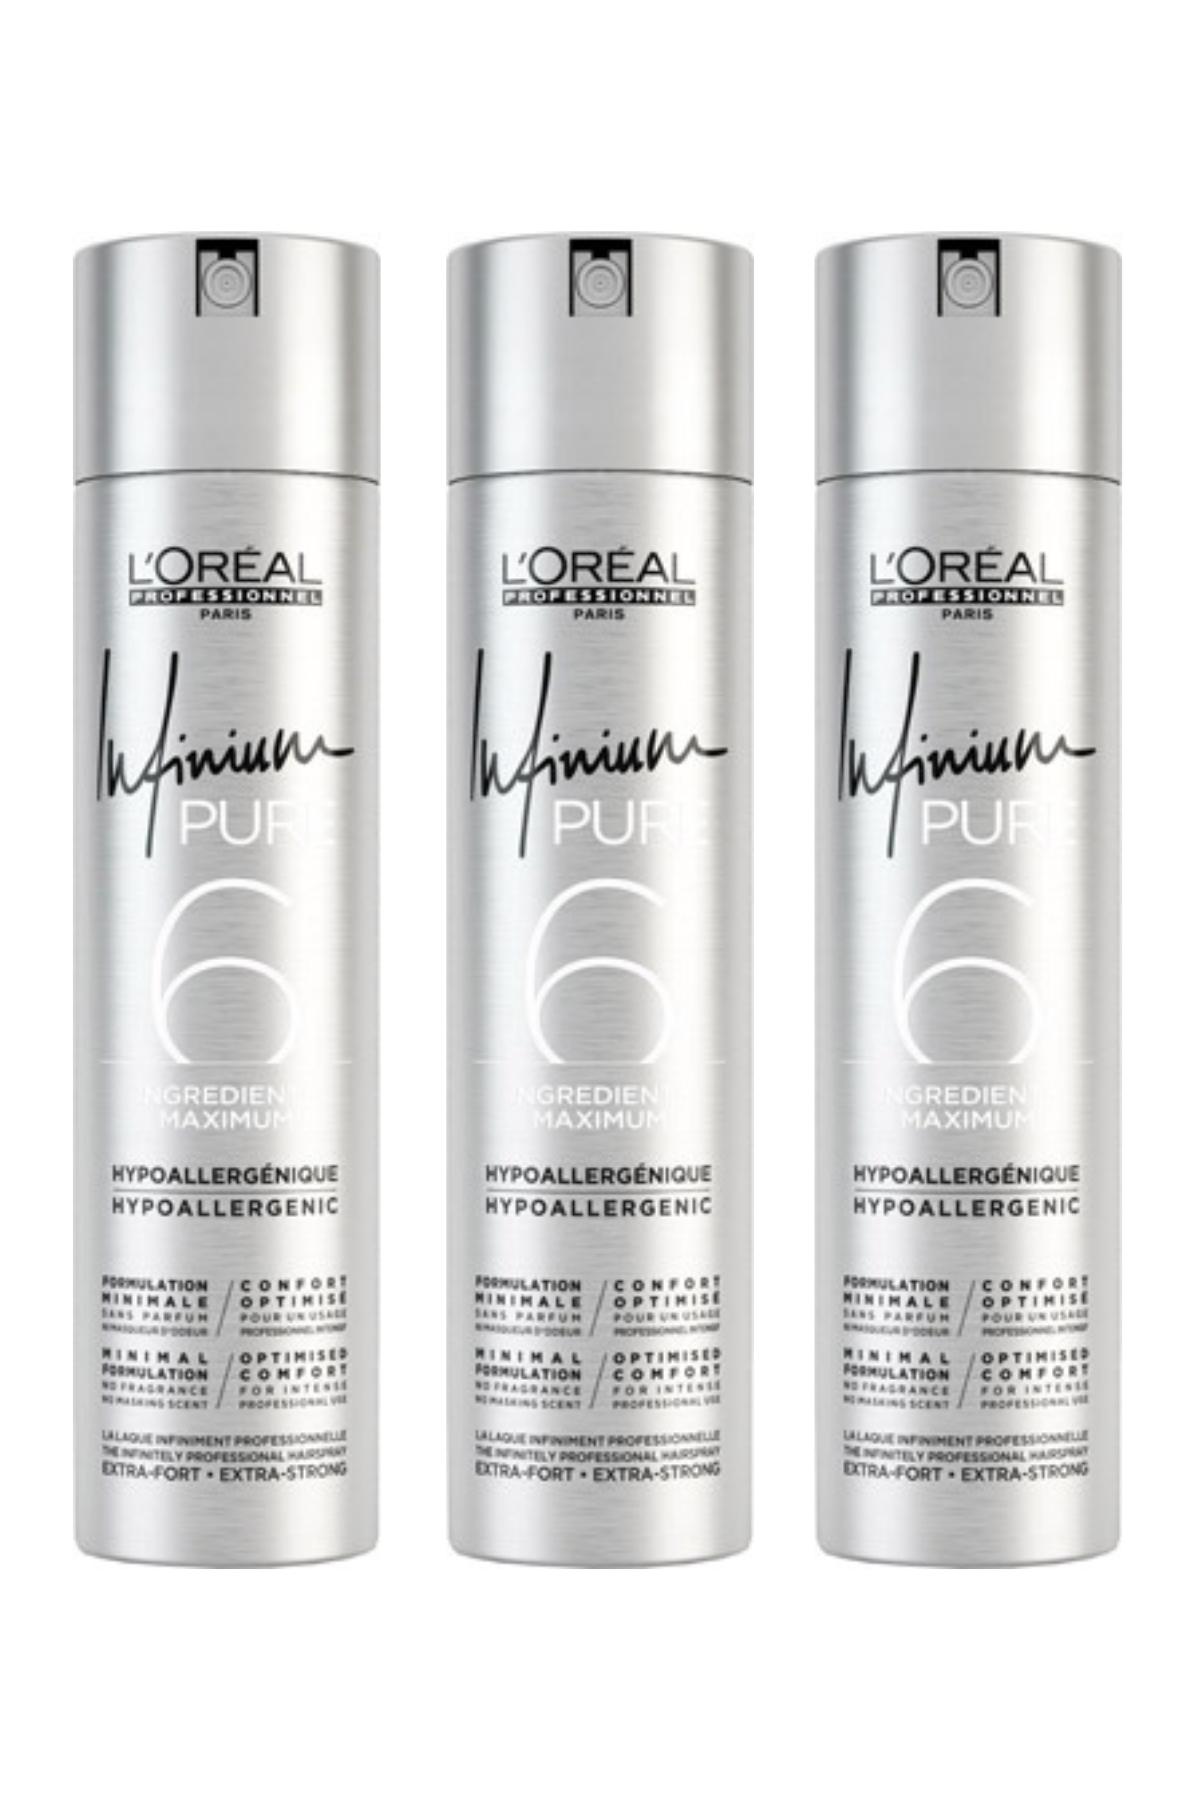 L'Oreal Paris İnfinium Pure Saç Spreyi 500 ml (Ultra Sert) x 3 Adet